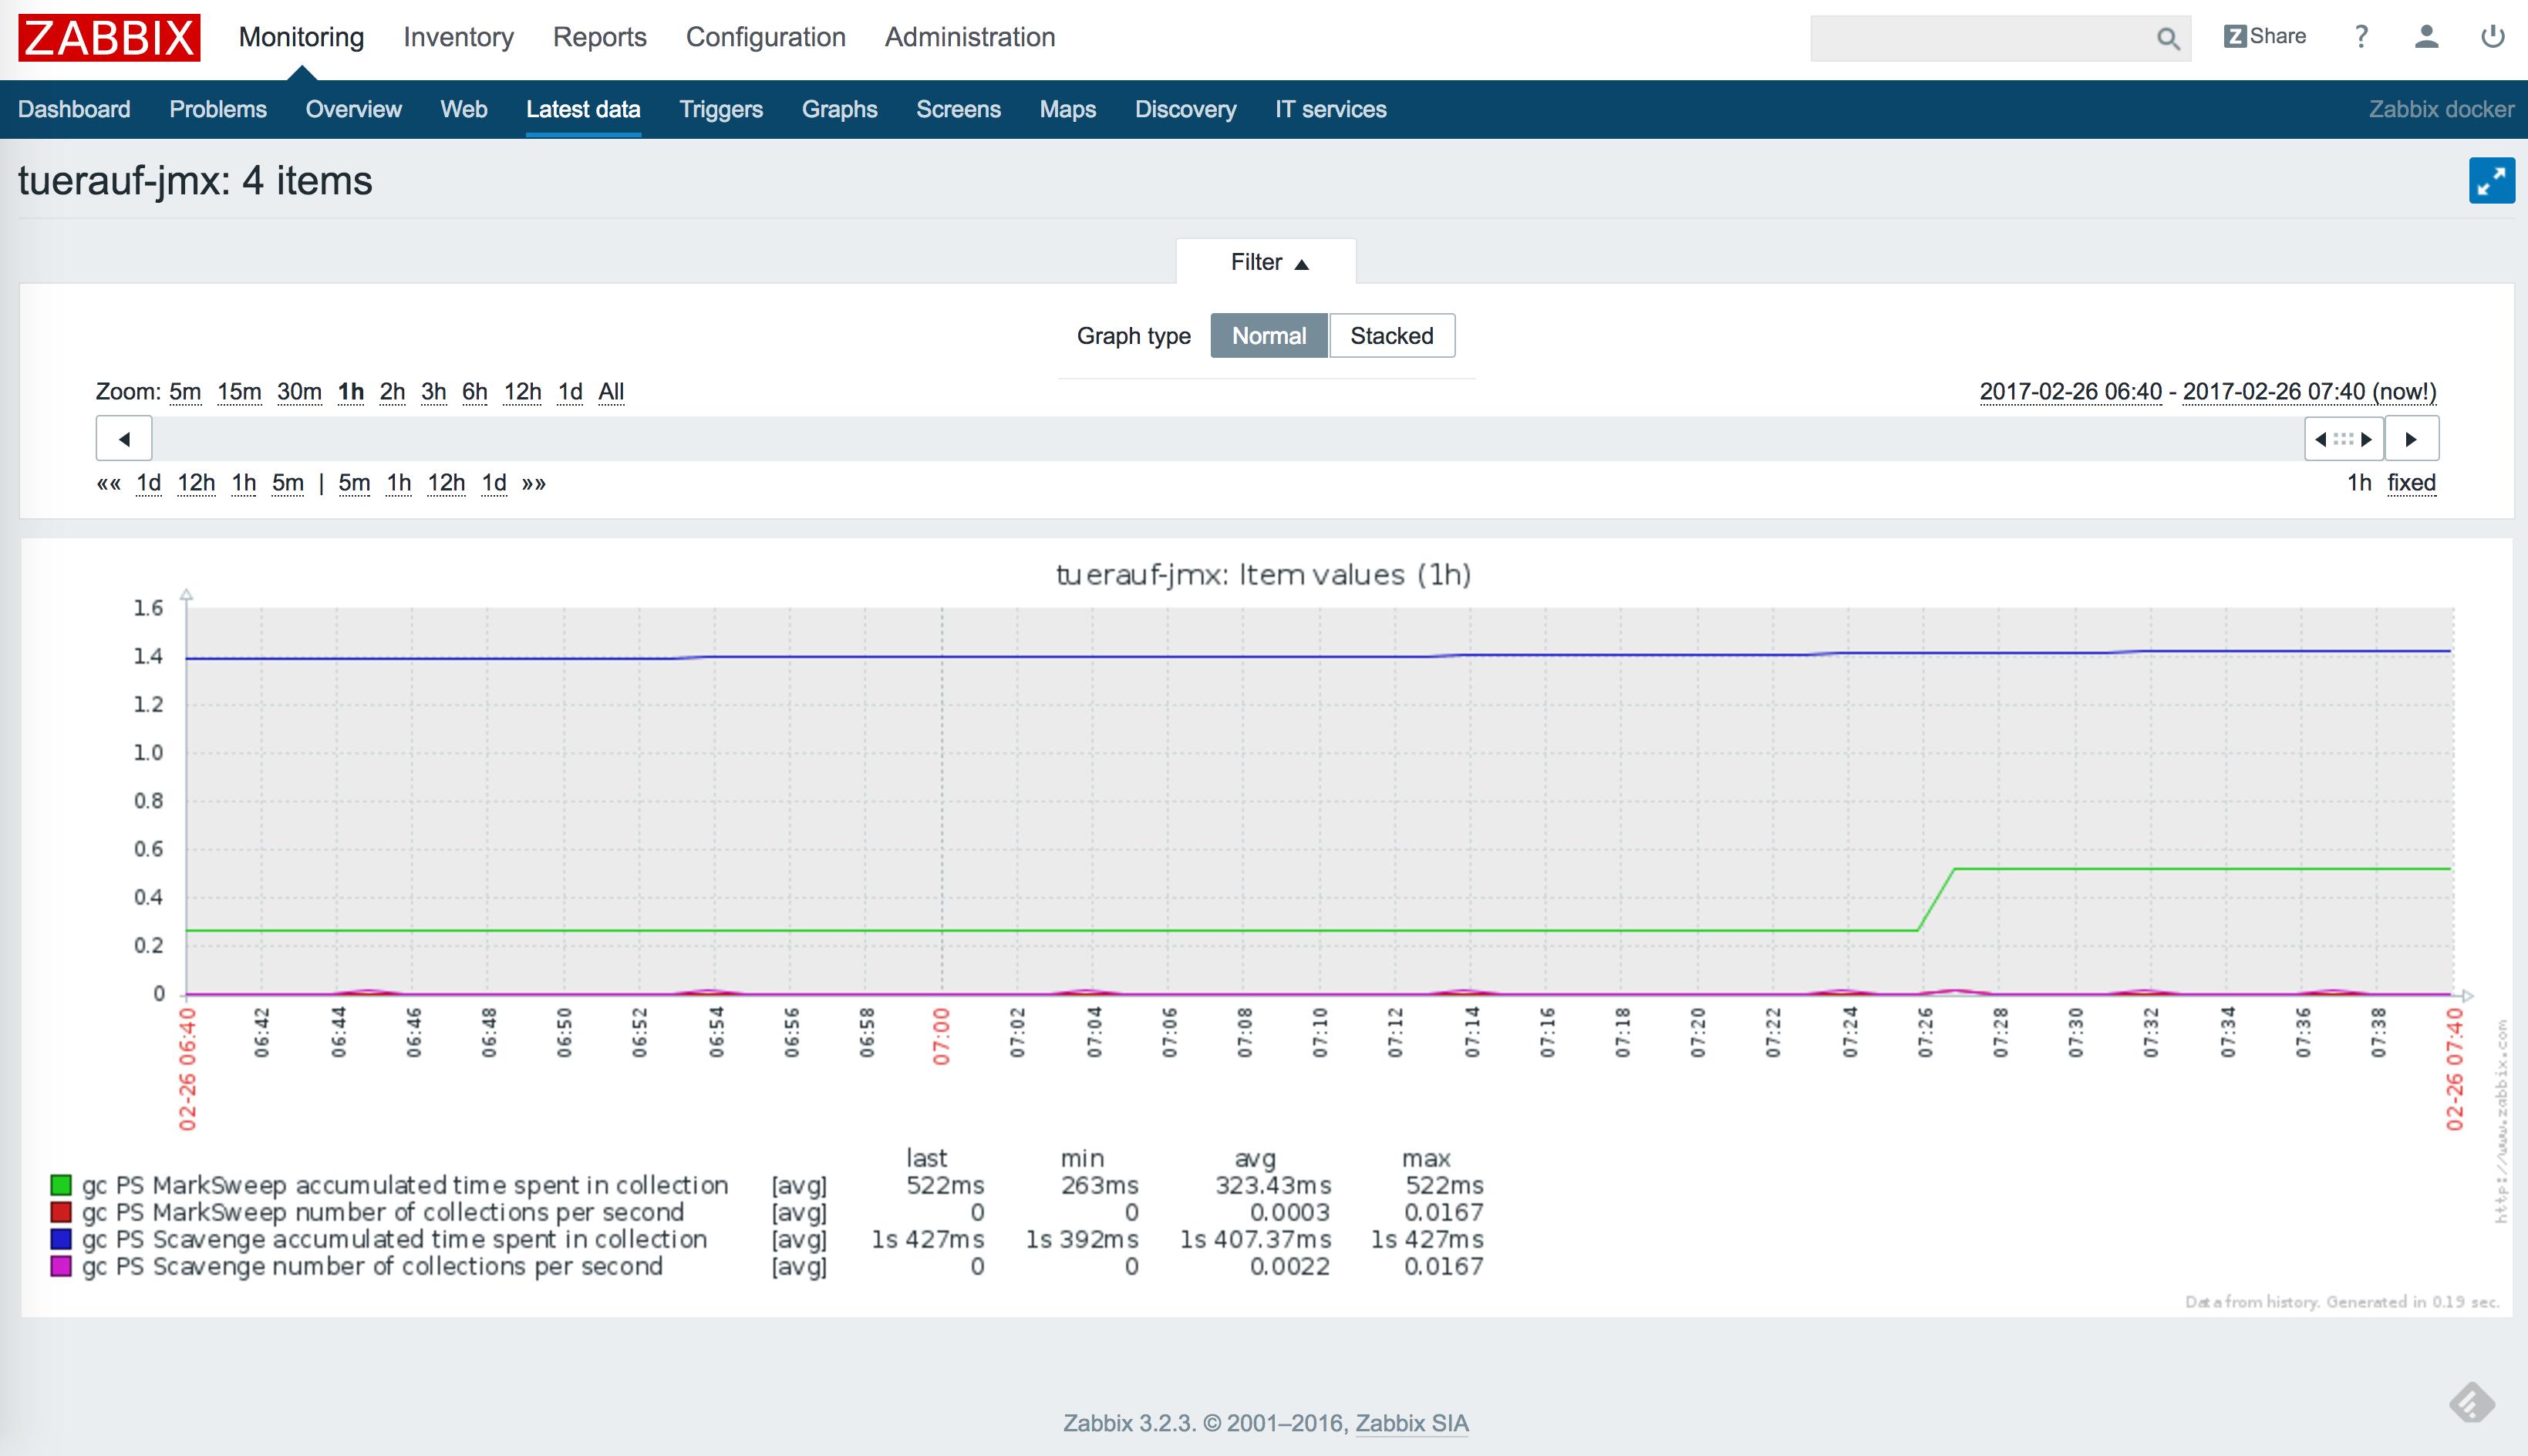 Zabbix JMX Monitoring